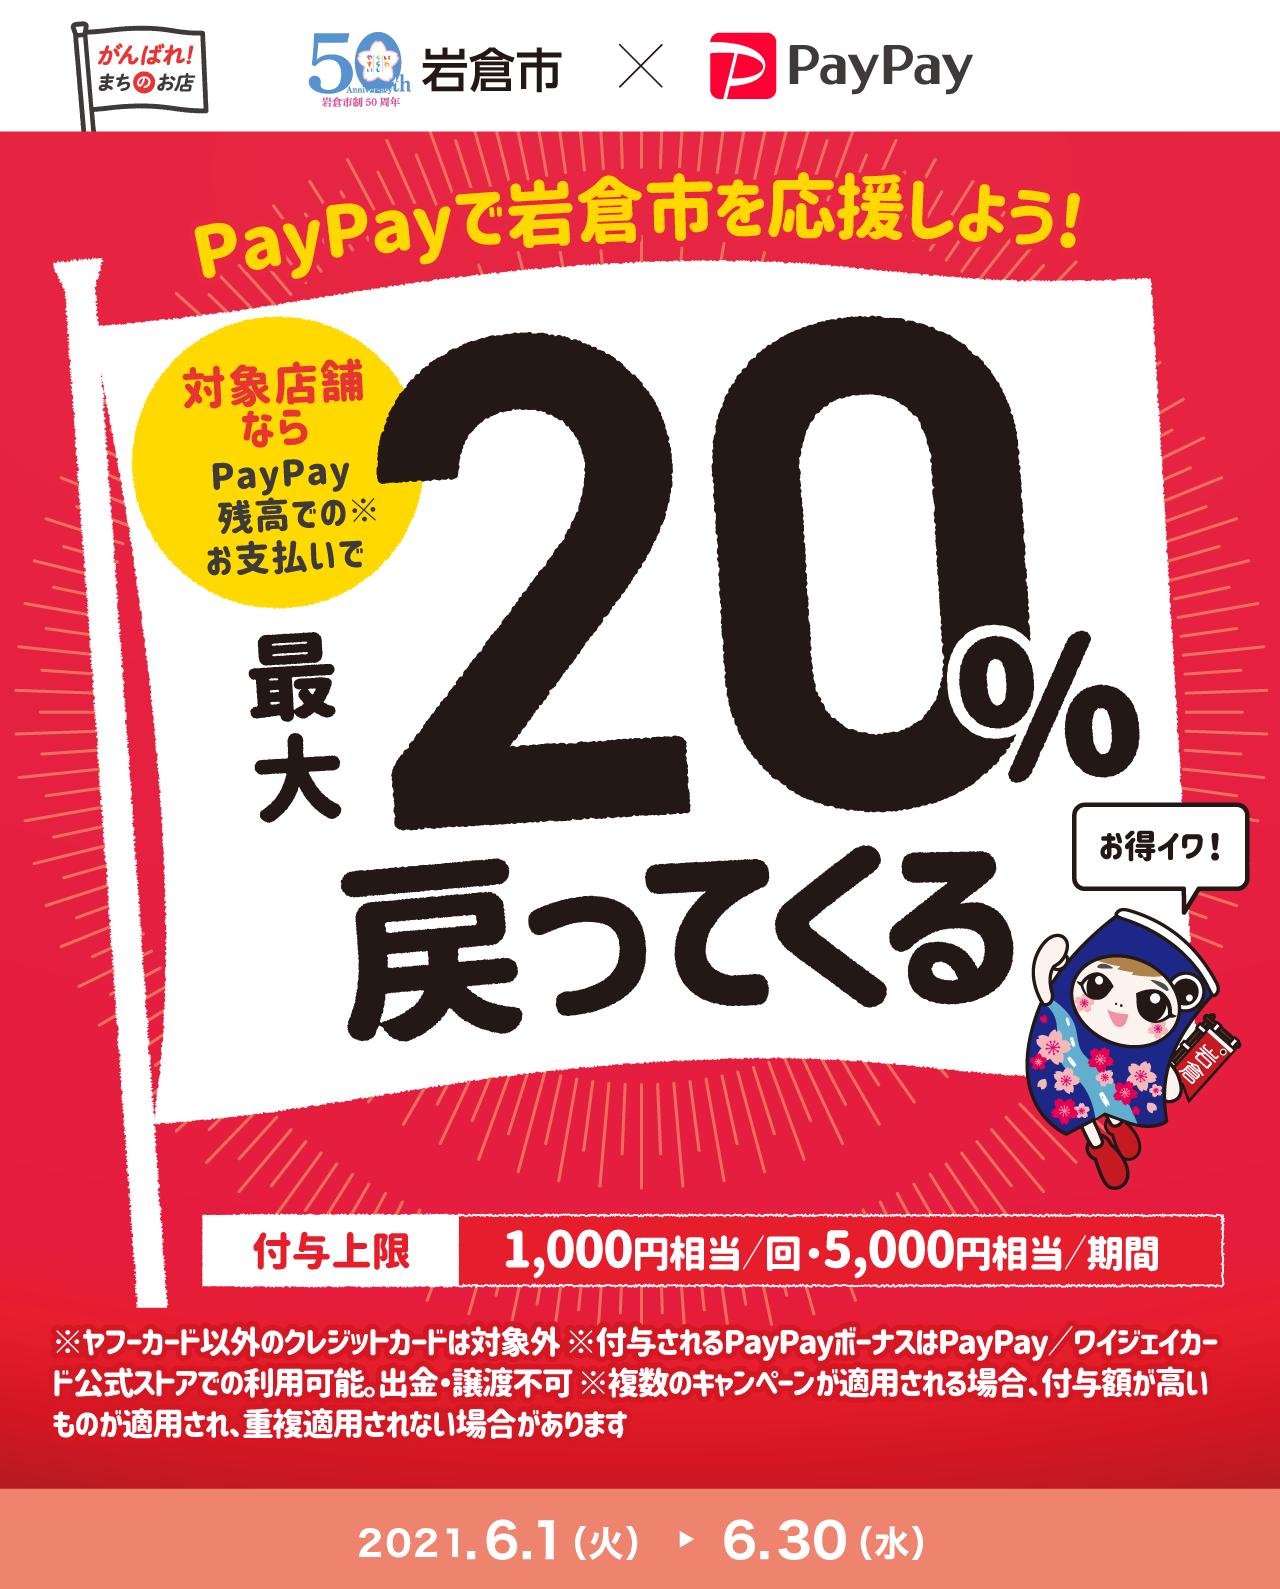 PayPayで岩倉市を応援しよう! 対象店舗ならPayPay残高でのお支払いで最大20%戻ってくる